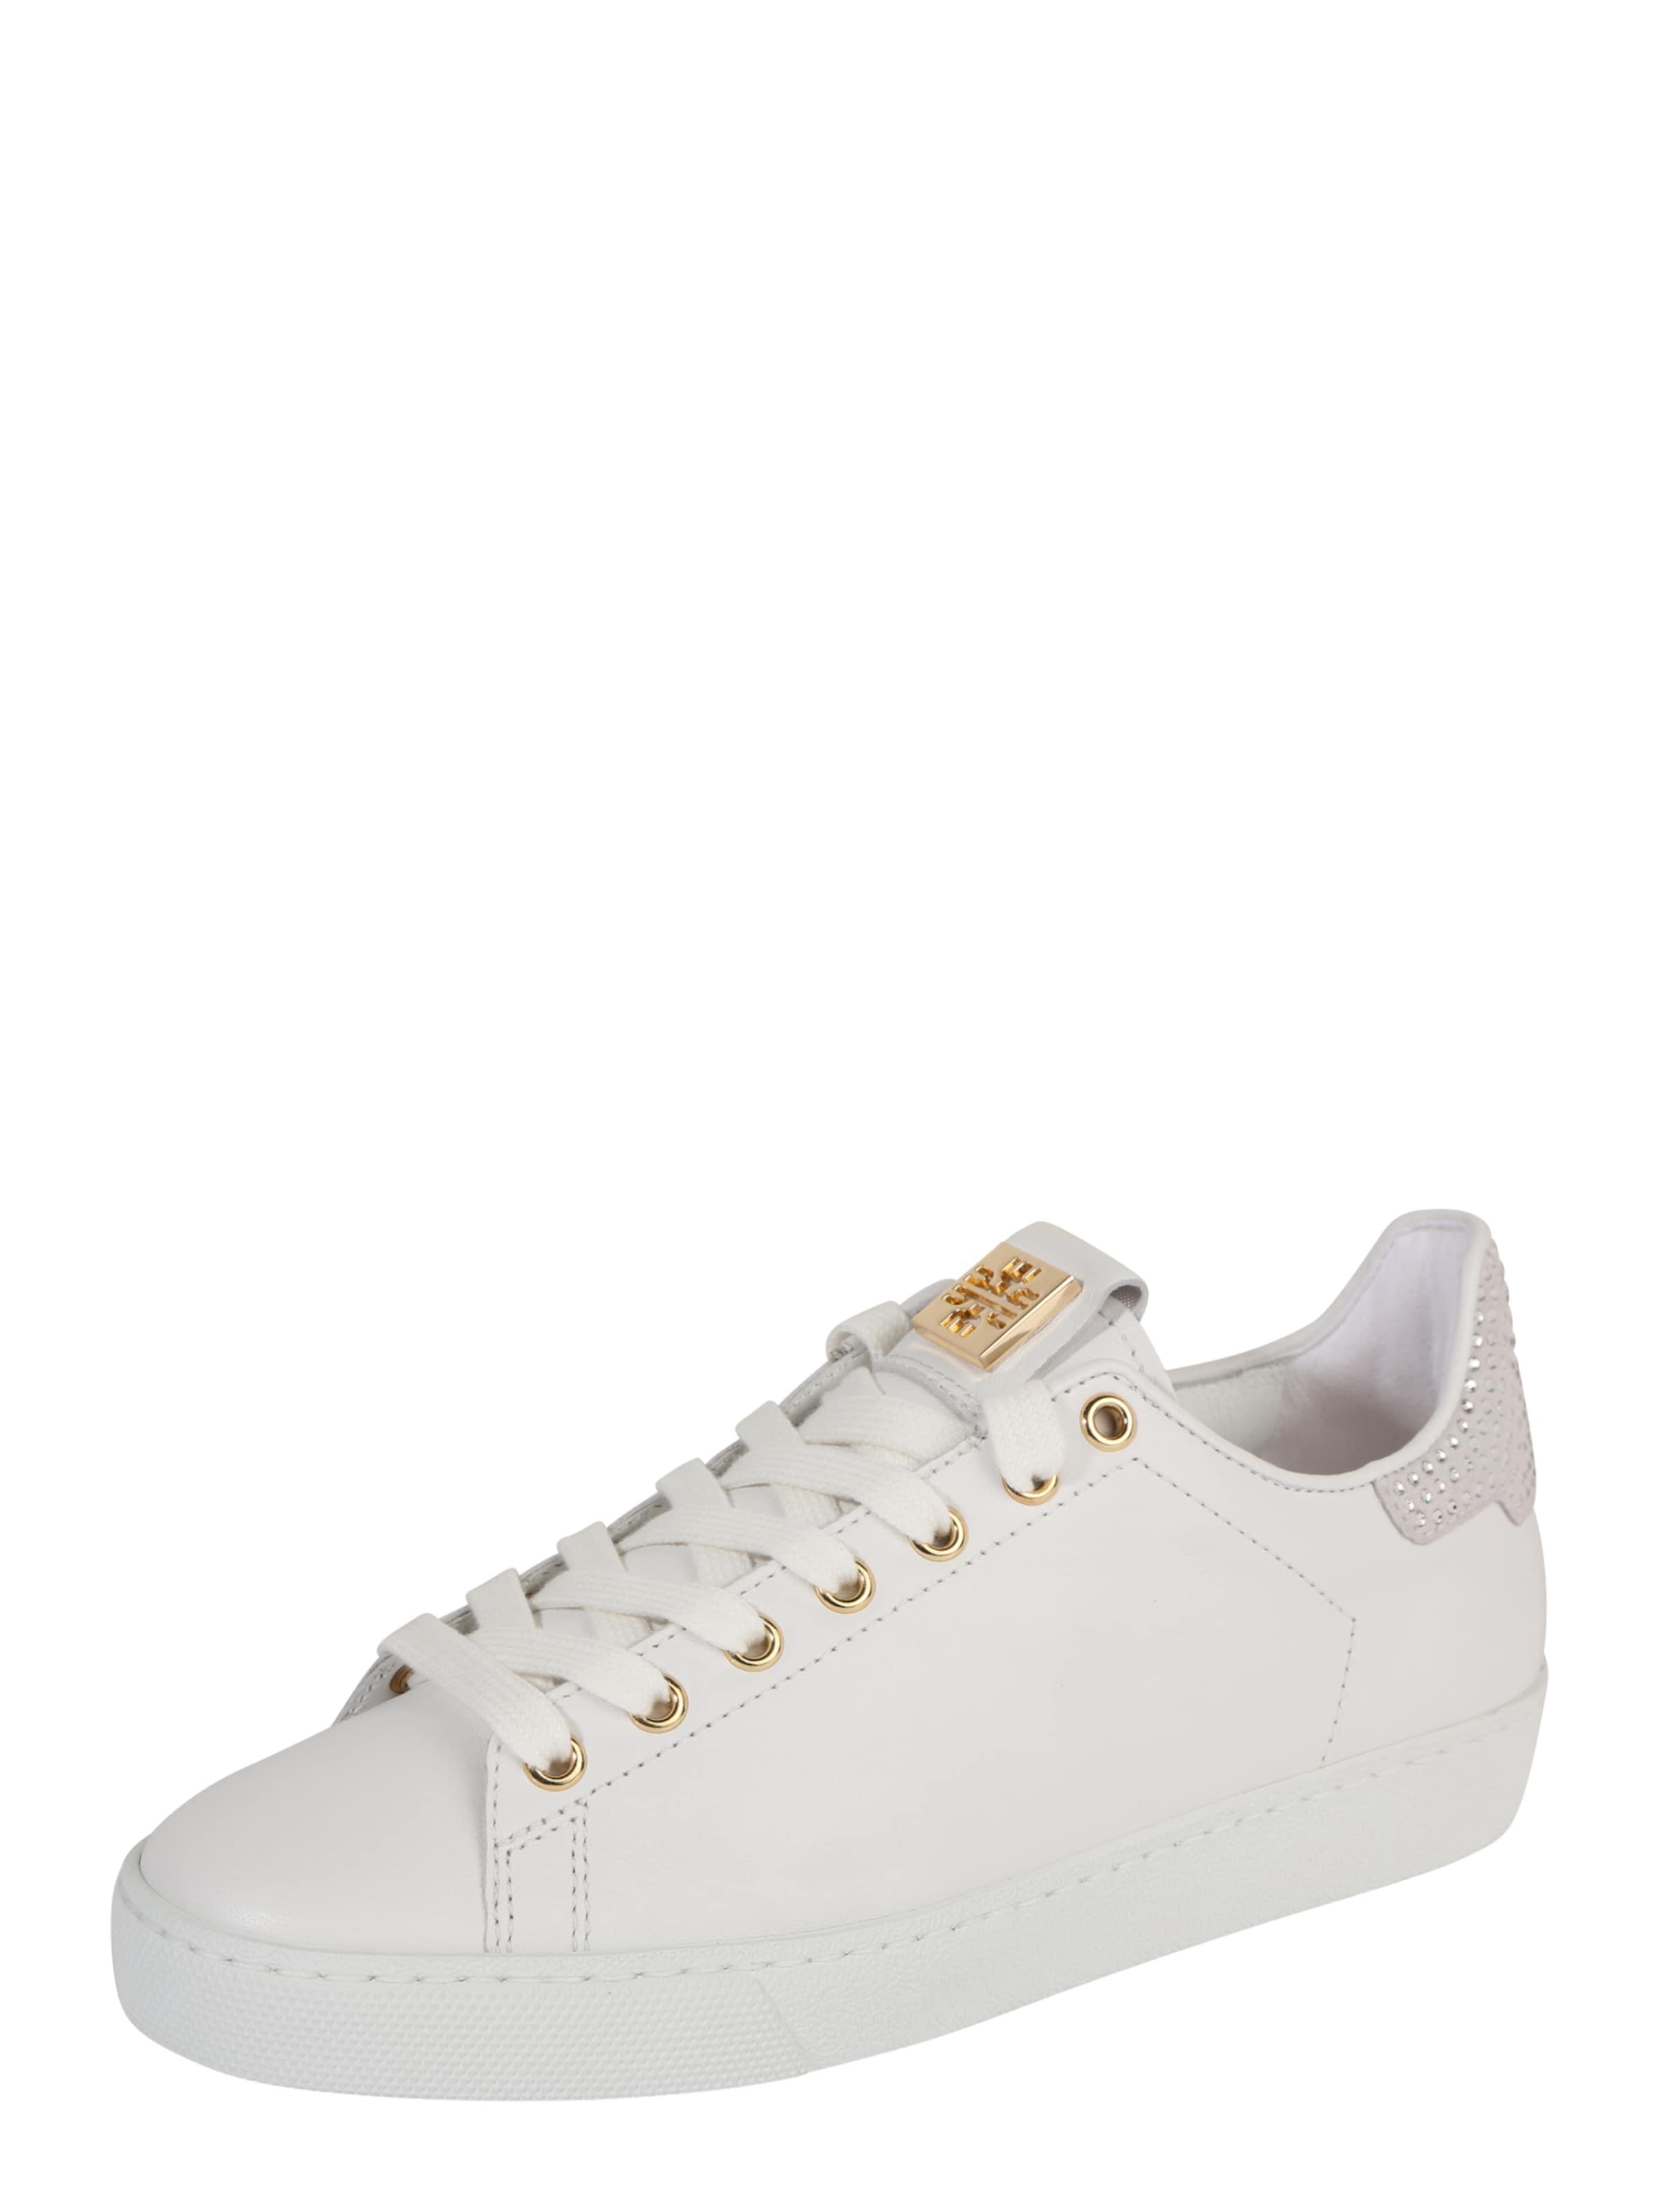 Haltbare | Mode billige Schuhe Högl | Haltbare Sneaker mit Swarovski-Kristall-Besatz Schuhe Gut getragene Schuhe 6096d6